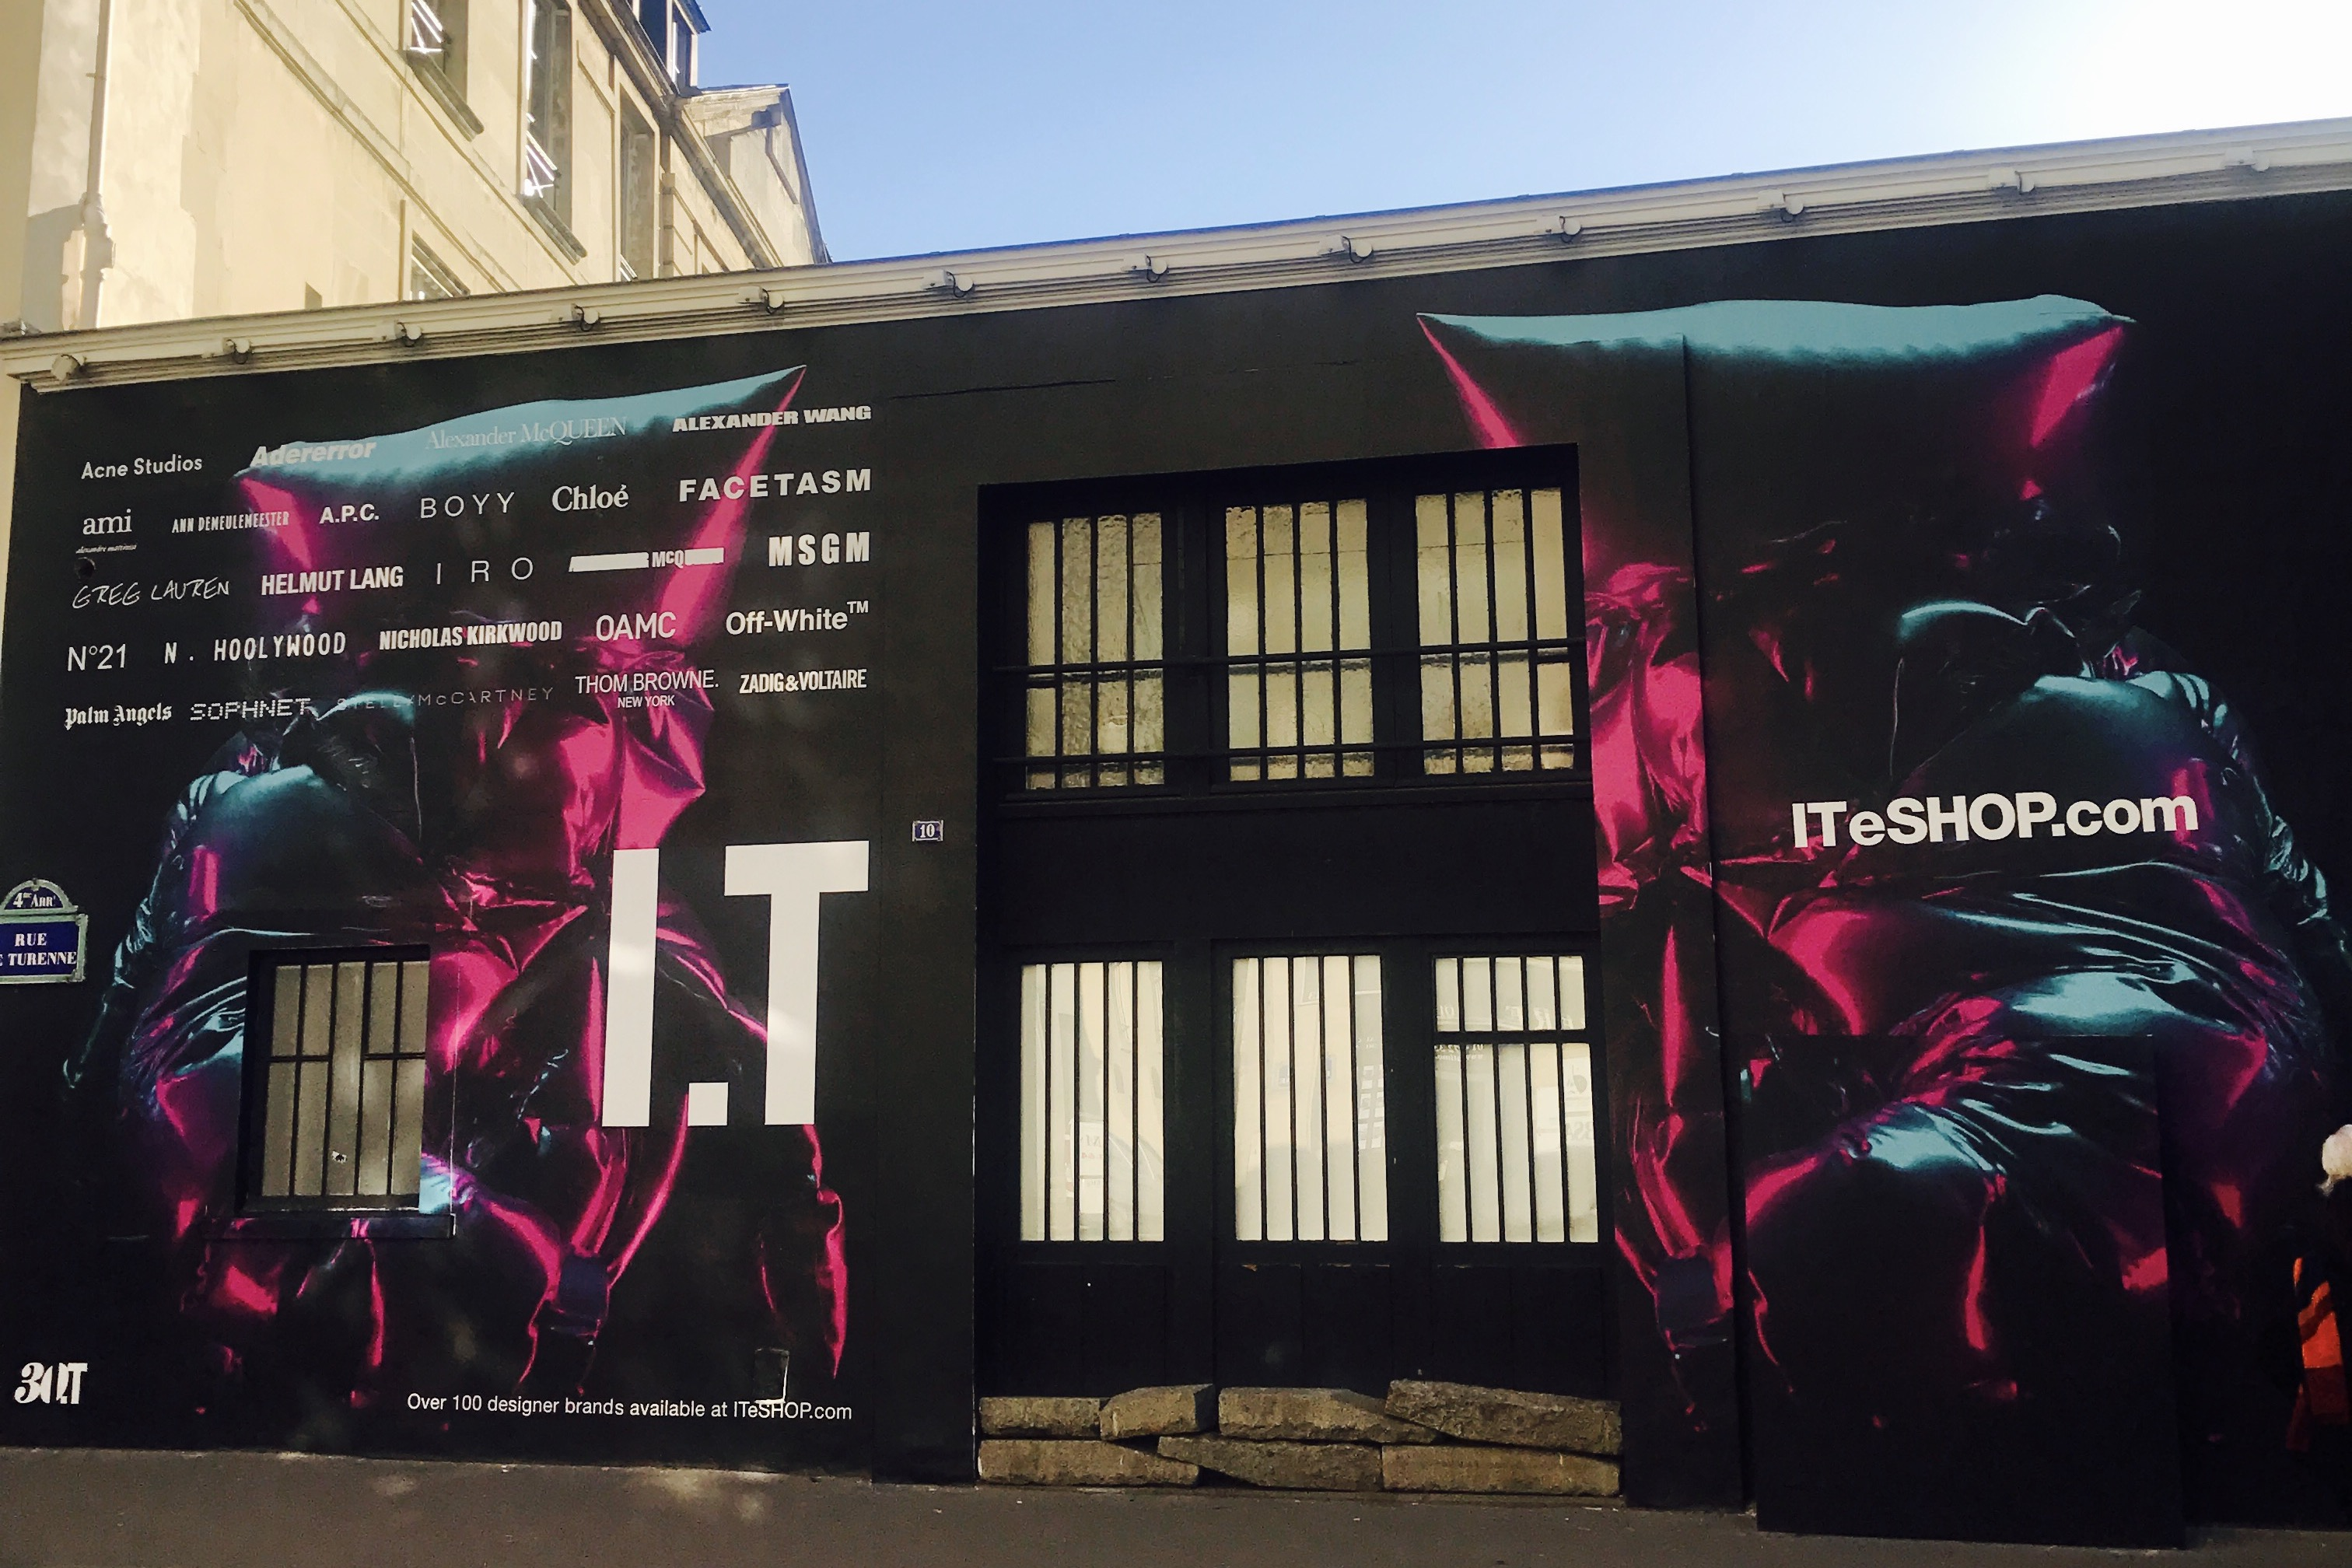 香港时尚零售集团 I.T 30周年快闪展览登上巴黎时装周官方日程,未来将全面数字化改革